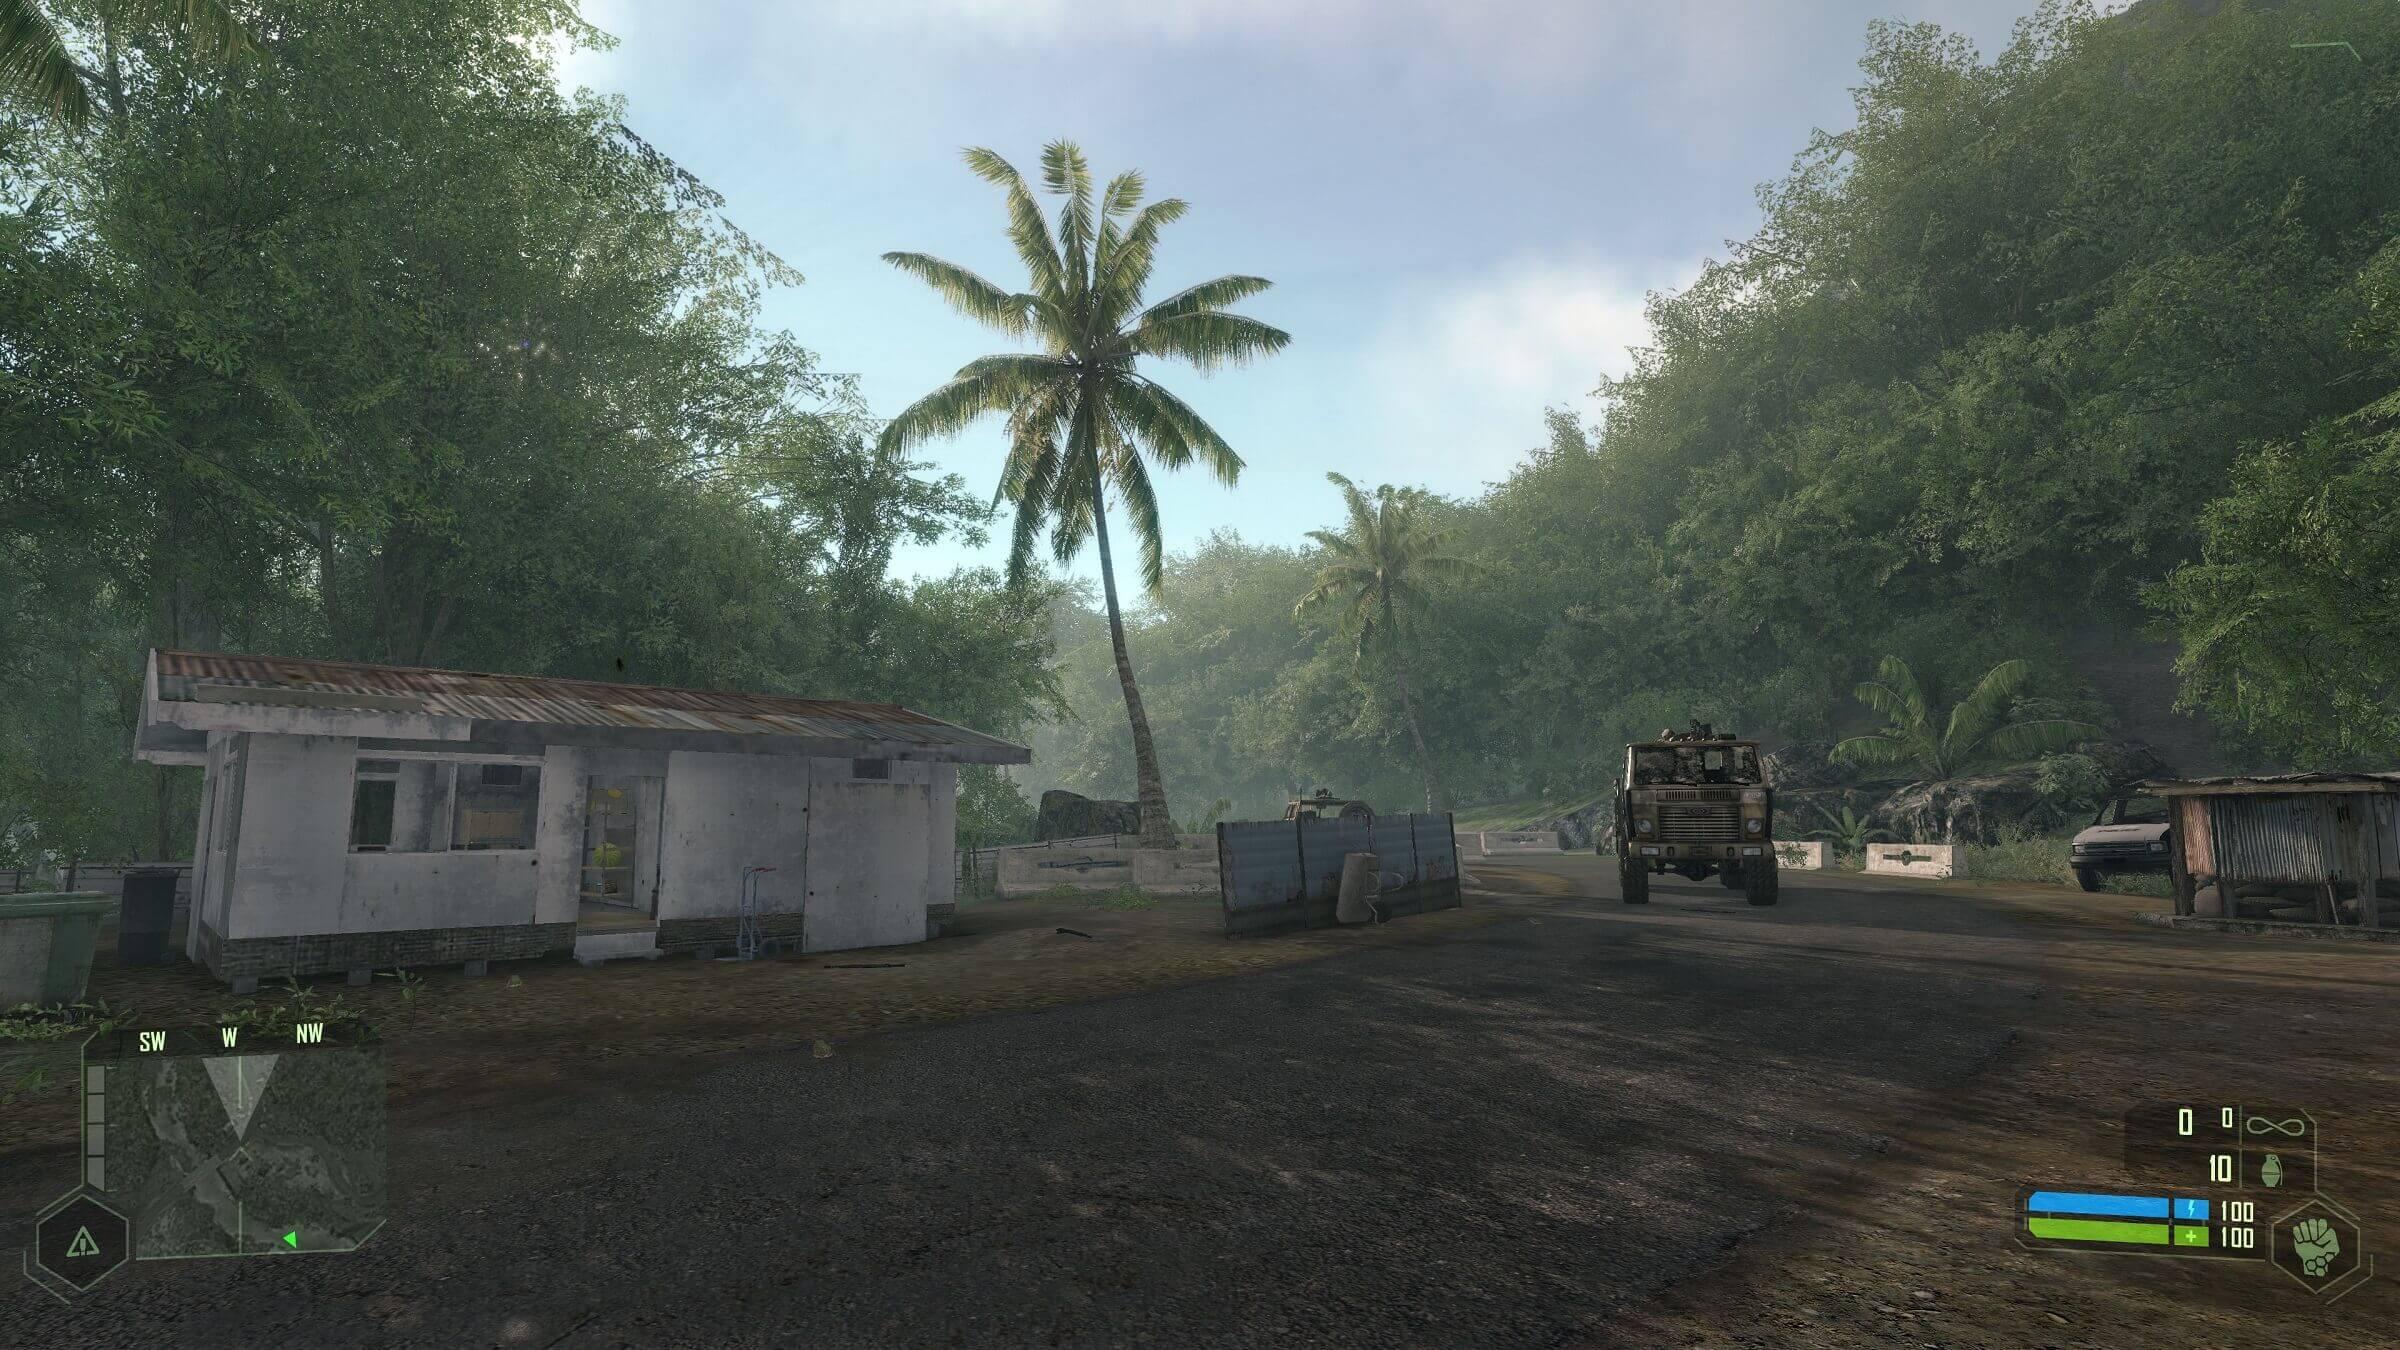 «А Crysis потянет?» Почему до сих пор обсуждают игру, выпущенную 13 лет назад - 12